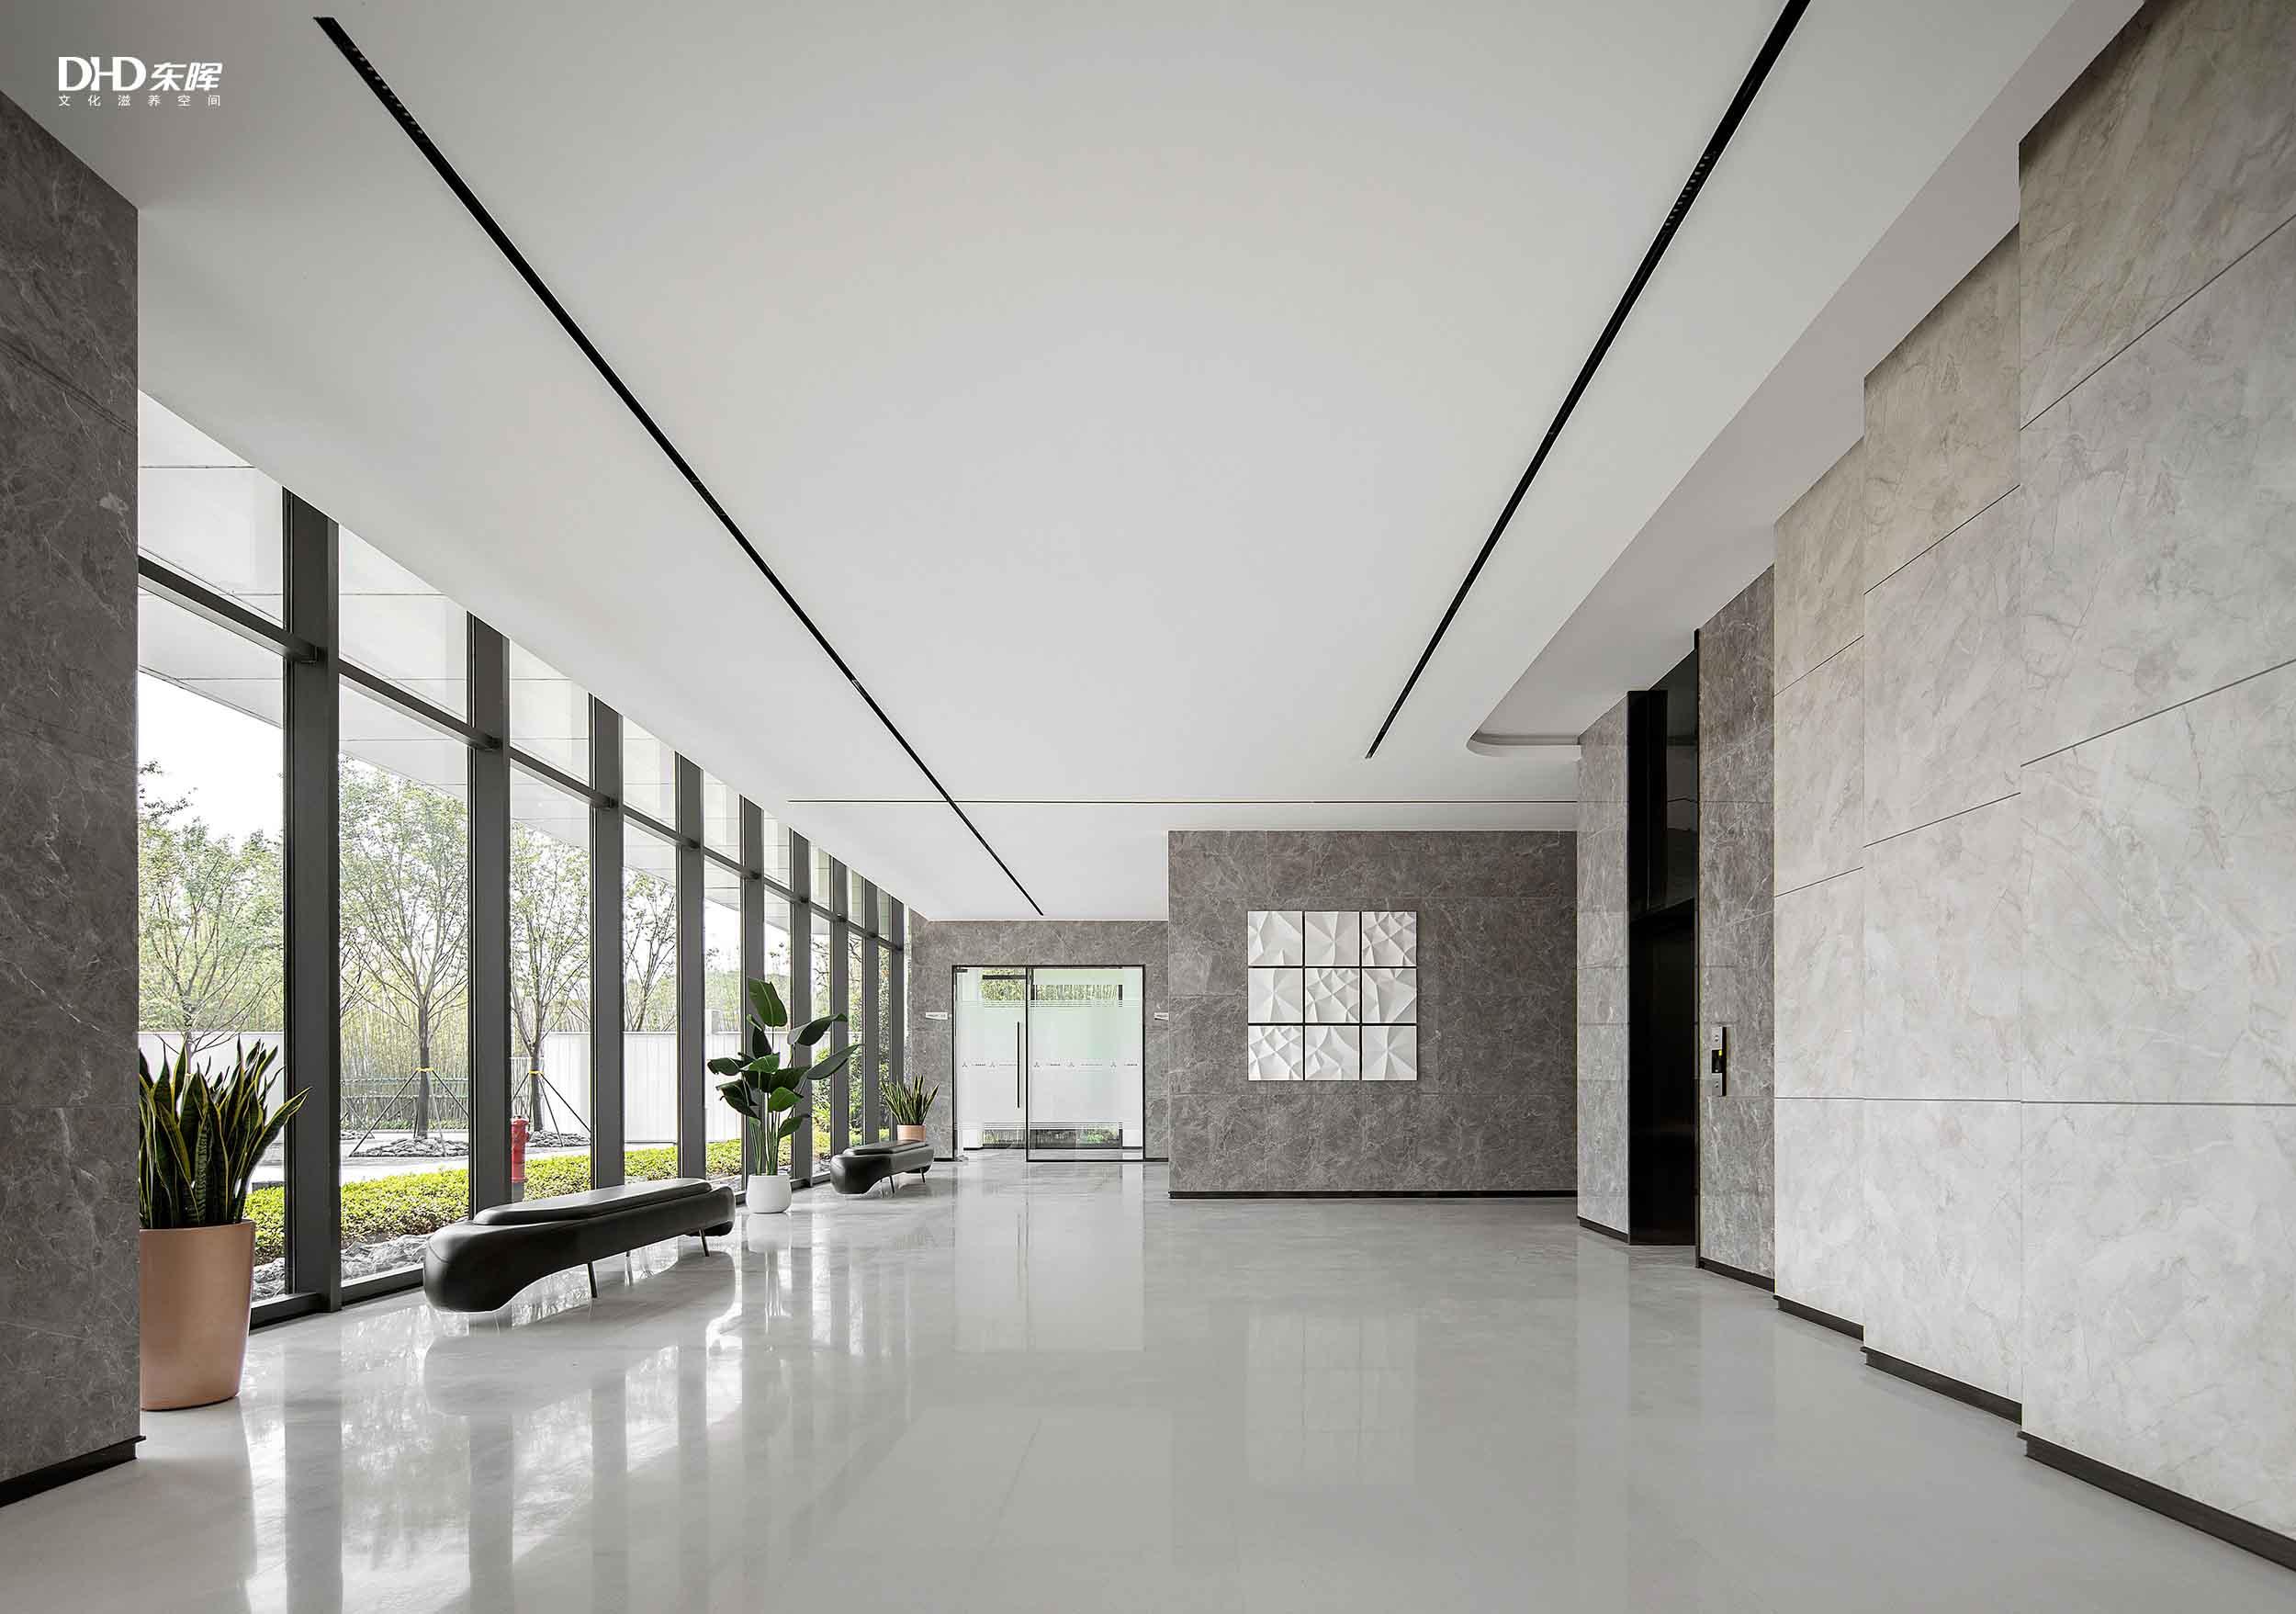 售楼处软装设计,售楼处软装设计案例,售楼处软装案例